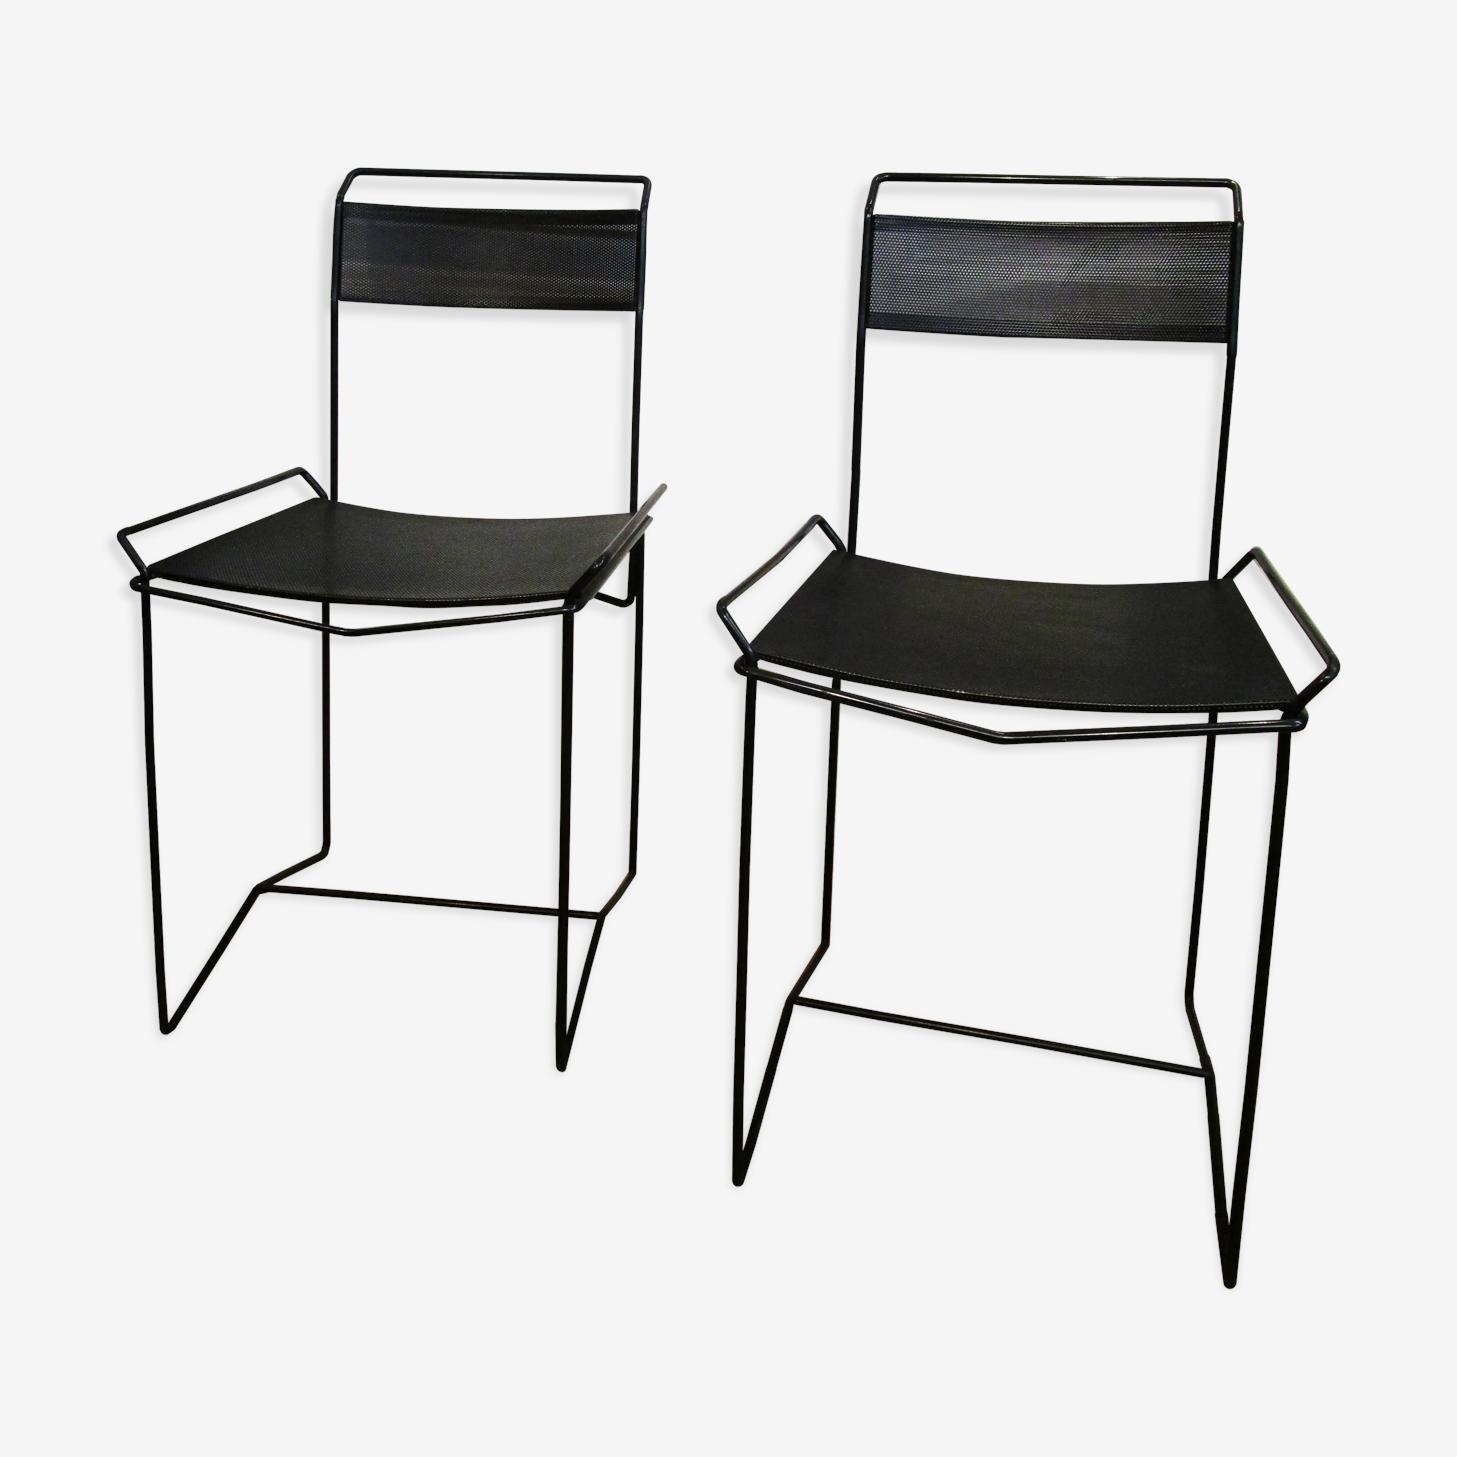 Paire de chaises métal perforé noir design vintage